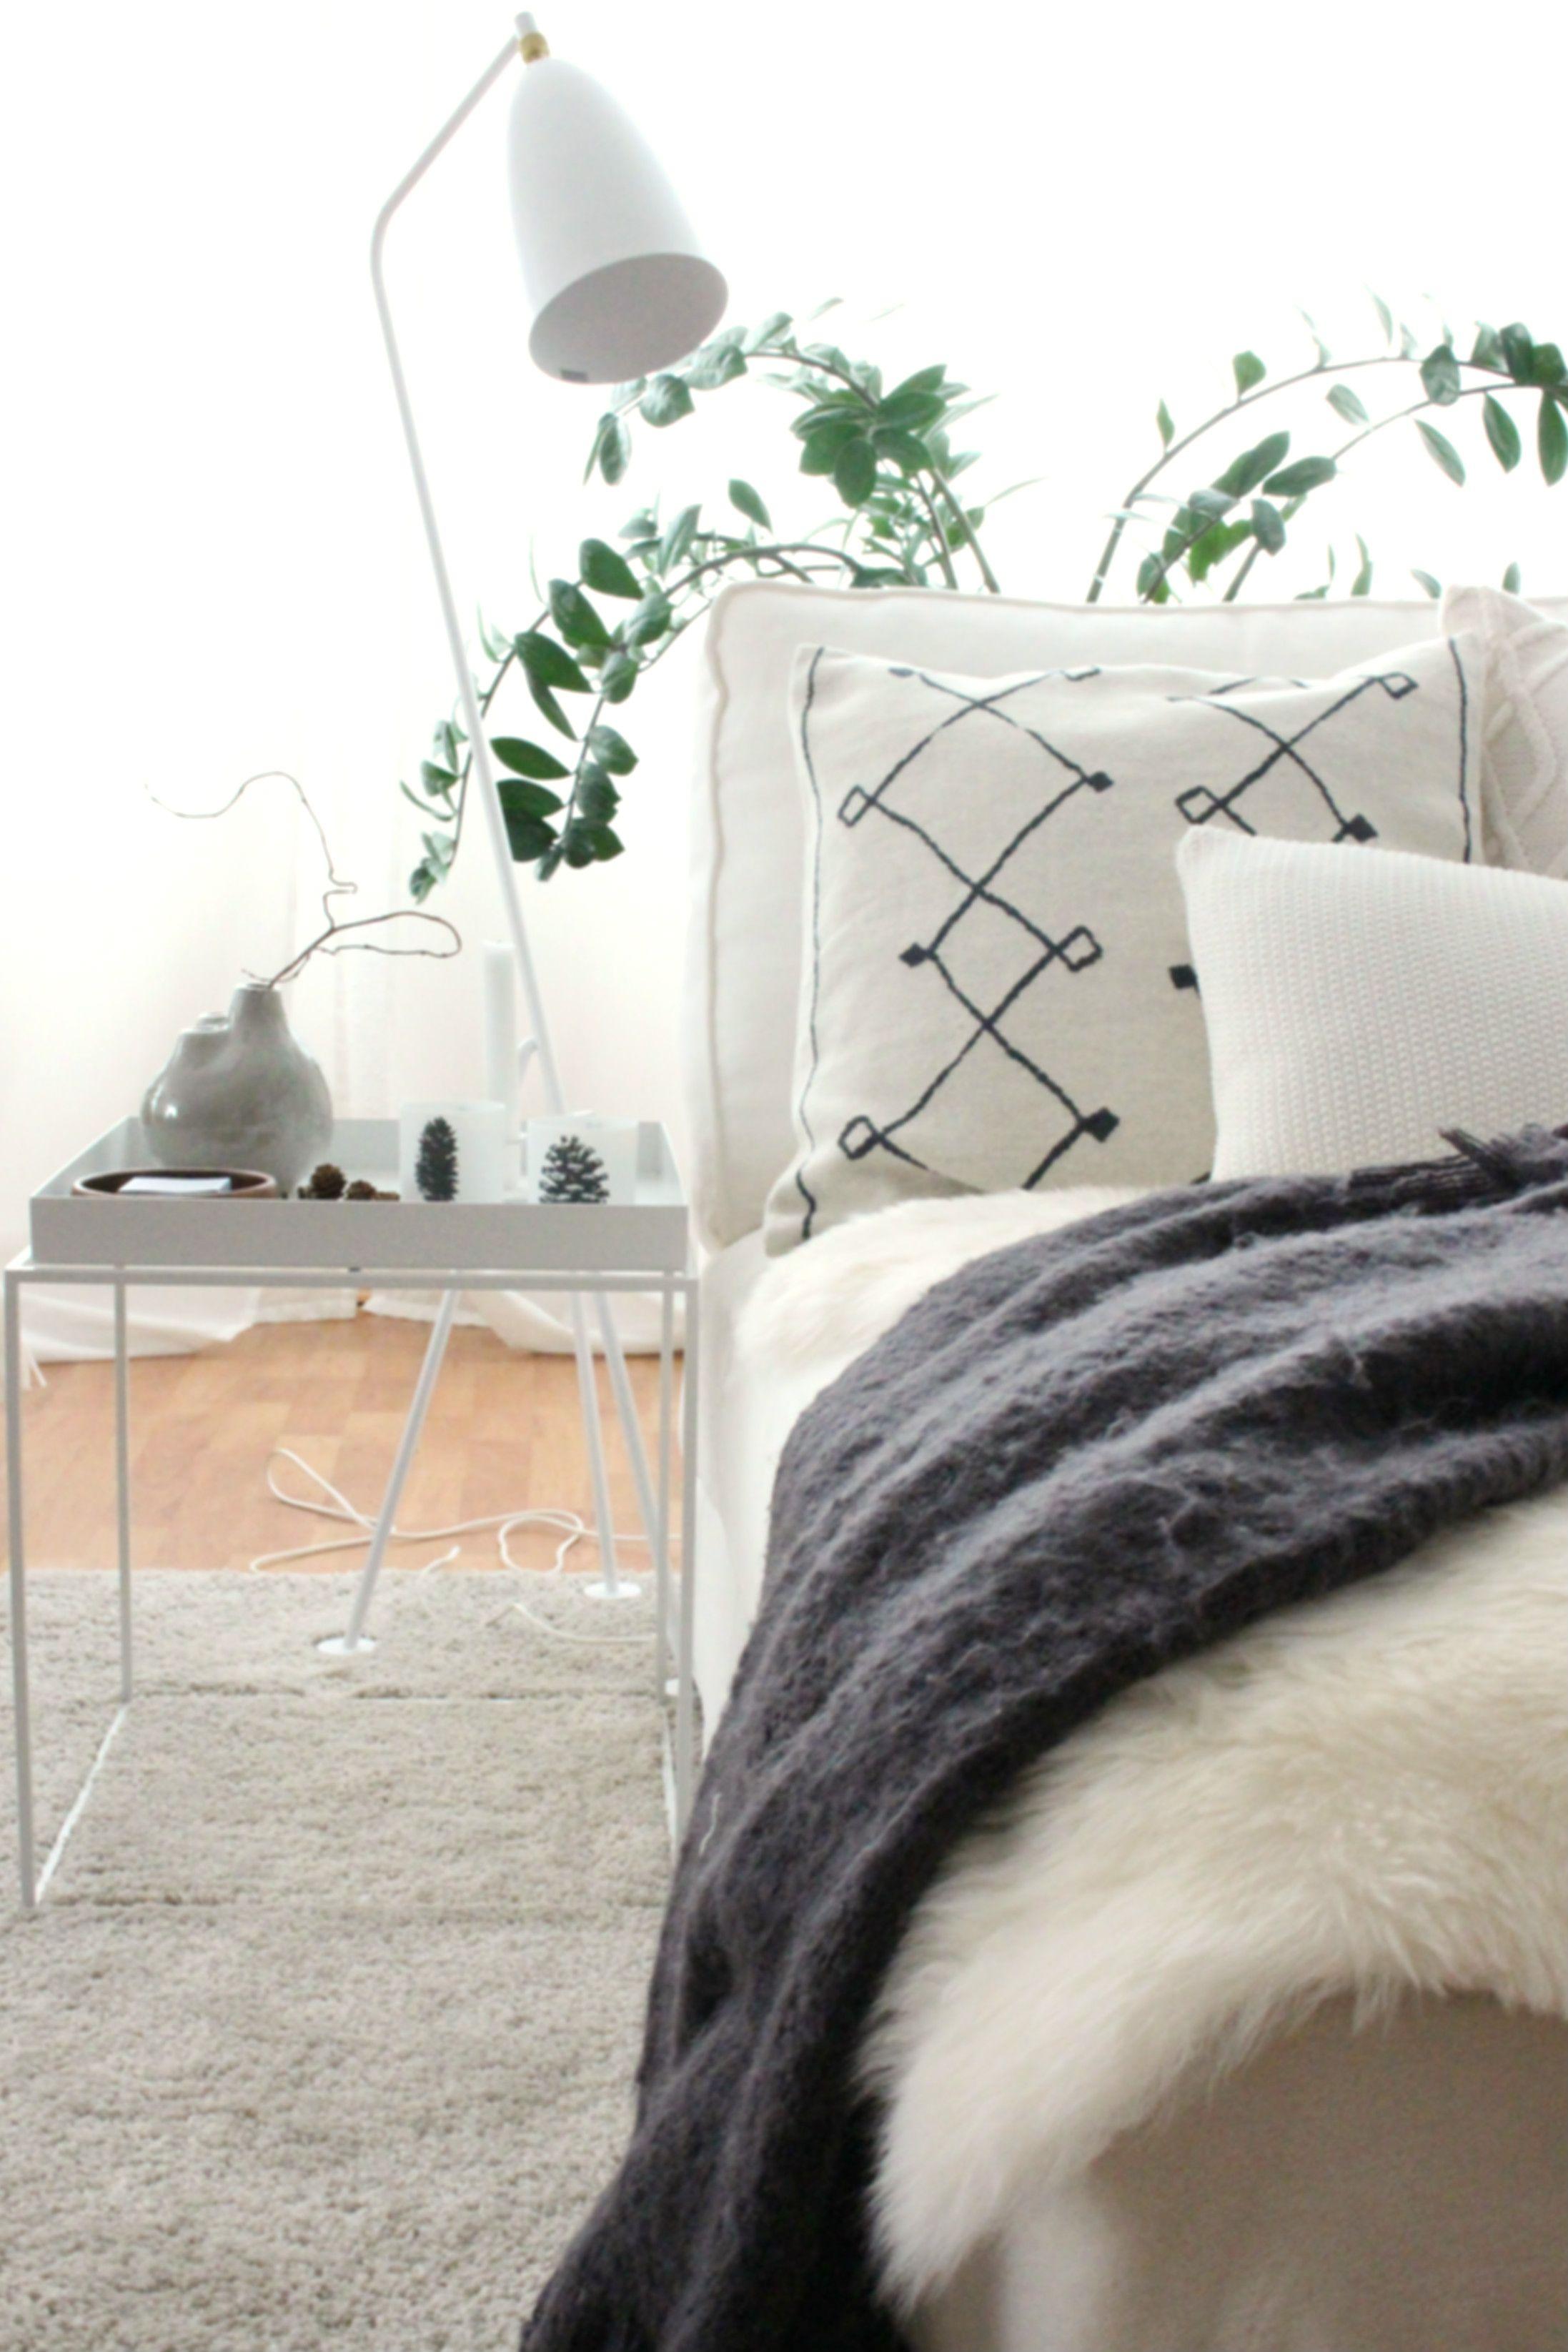 Herbstliches Wohnzimmer | Wohnzimmer, Herbst und Bilder